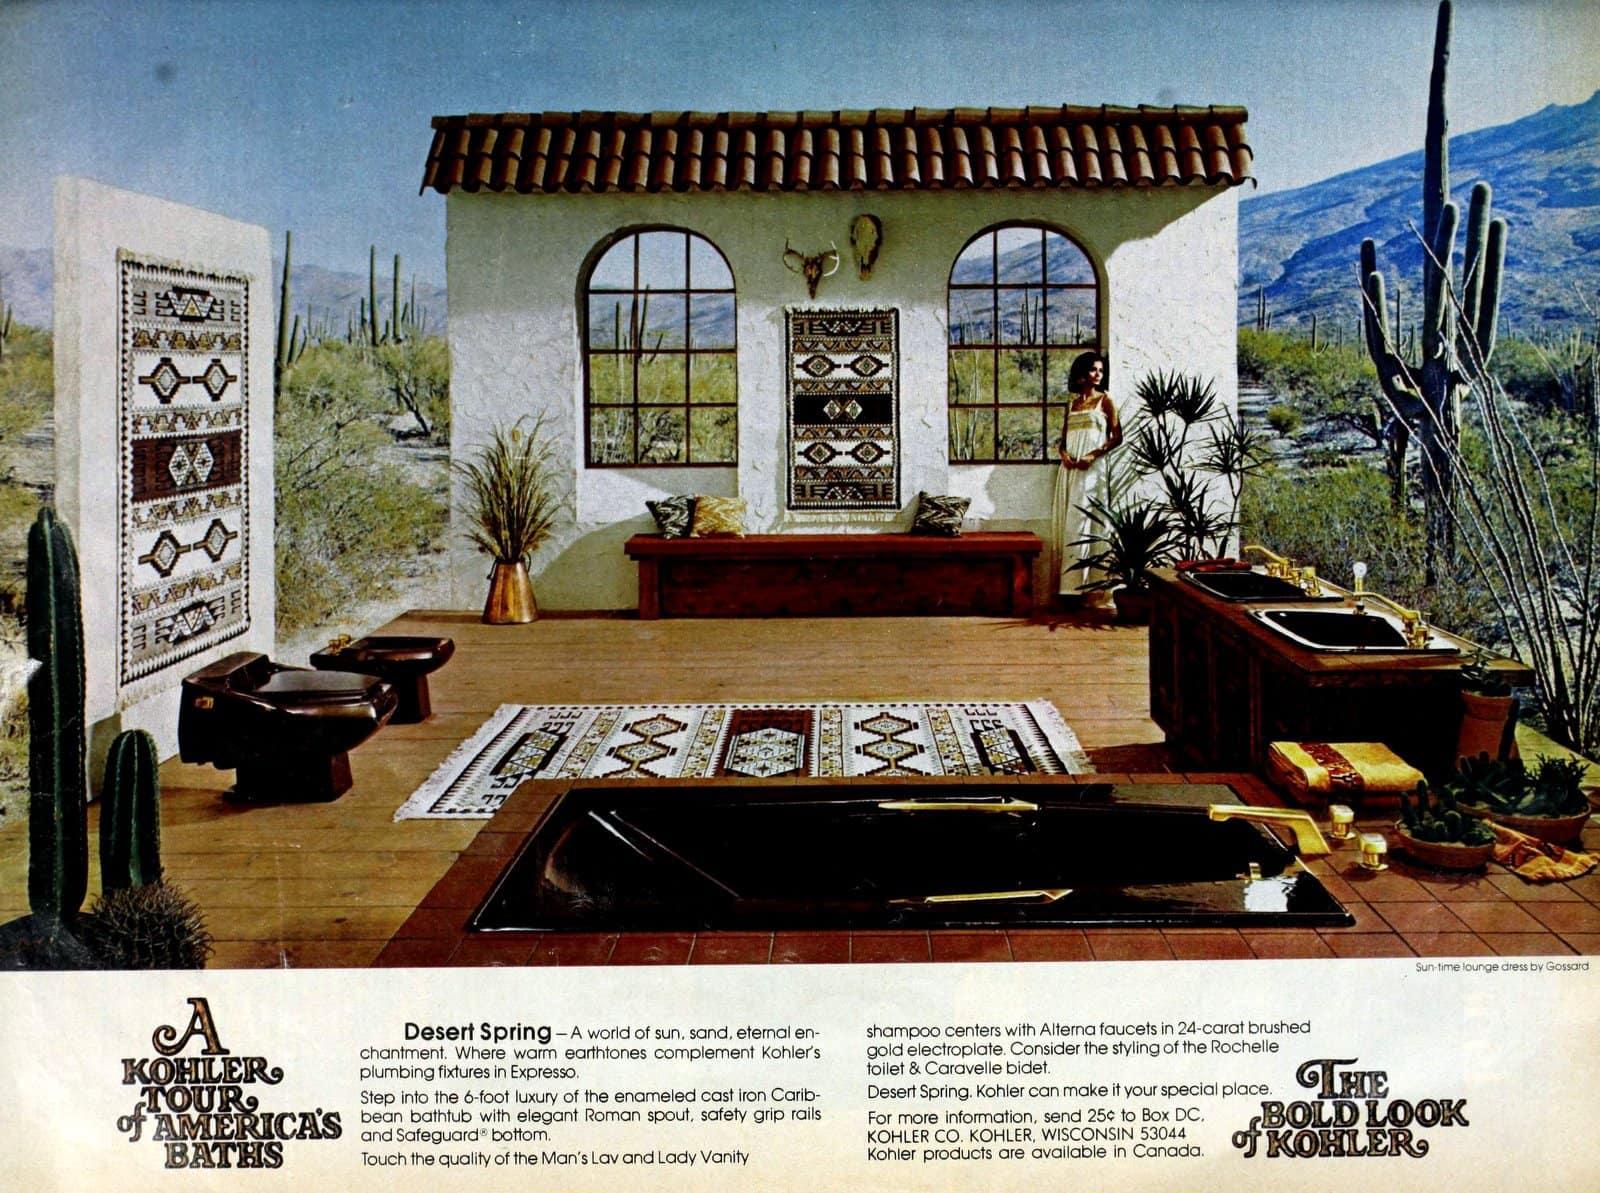 Vintage home decor - Kohler bathroom suites from 1976 (1)